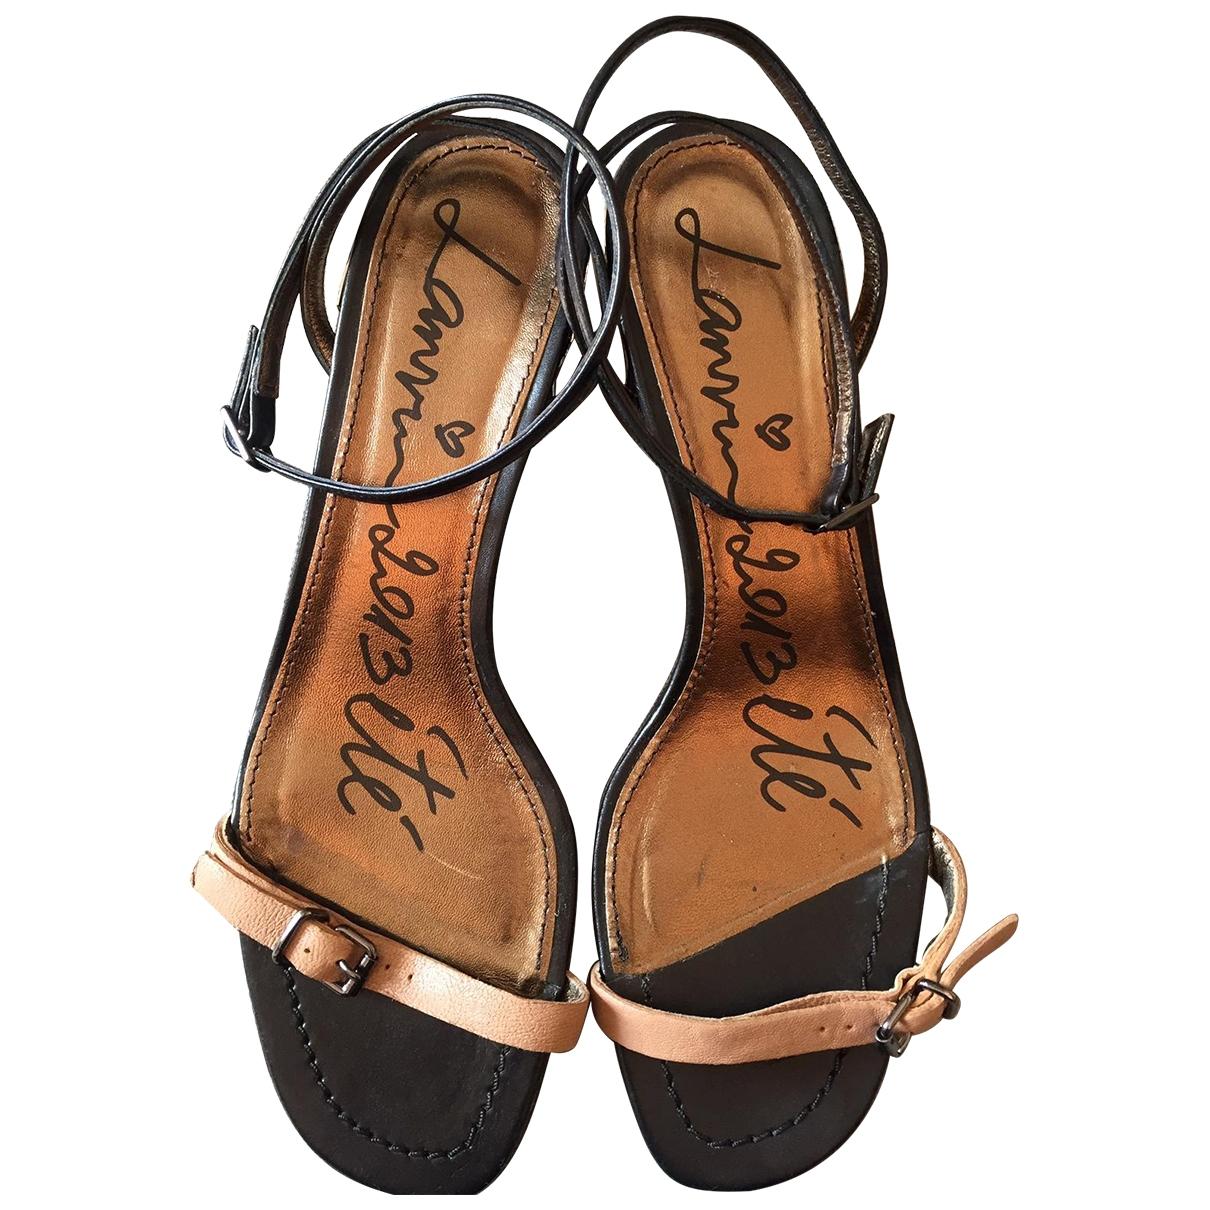 Lanvin - Sandales   pour femme en cuir - beige